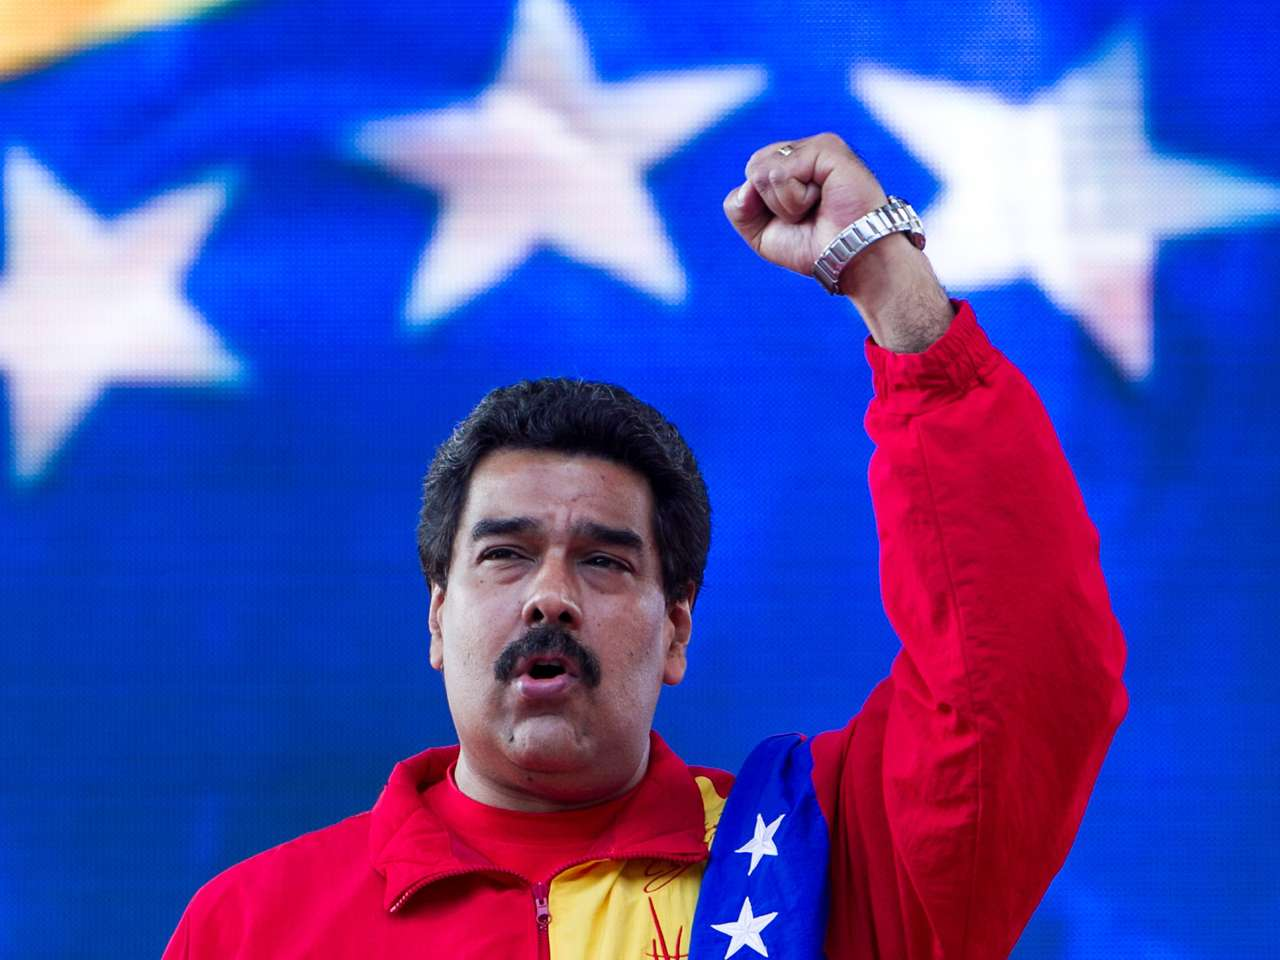 El presidente de Venezuela Nicolás Maduro participó este día (31 julio 2014) en el acto de cierre del III Congreso del Partido Socialista Unido de Venezuela Foto: EFE